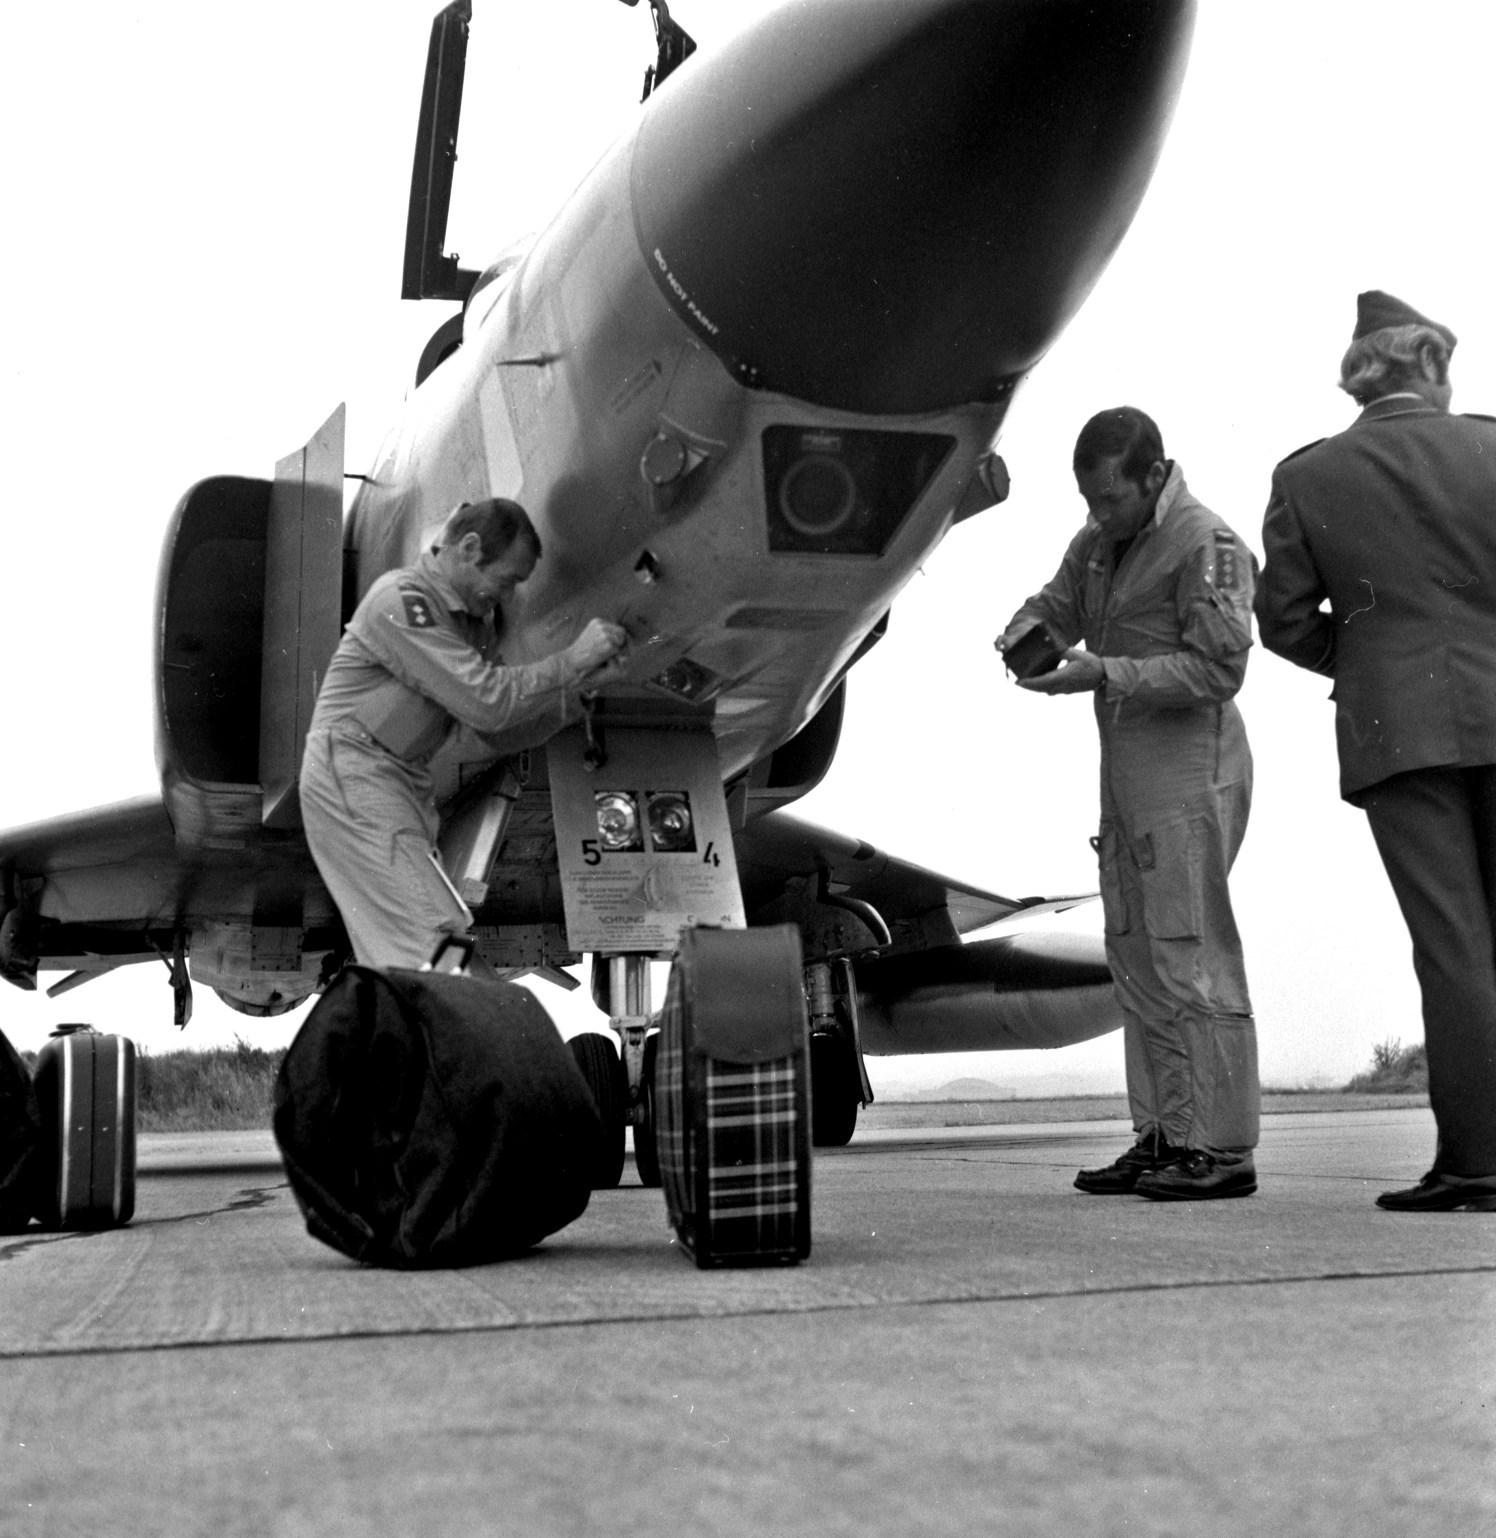 Et av de fem vesttyske Phantom II flyene klargjøres for hjemreisen etter Big Click 72. «Pluto» og «Franki» er nesten klare til å sete kursen mot Vest-Tyskland i sin rekognoseringsjager. Foto: Per Jonsson via Arild Jonsson.